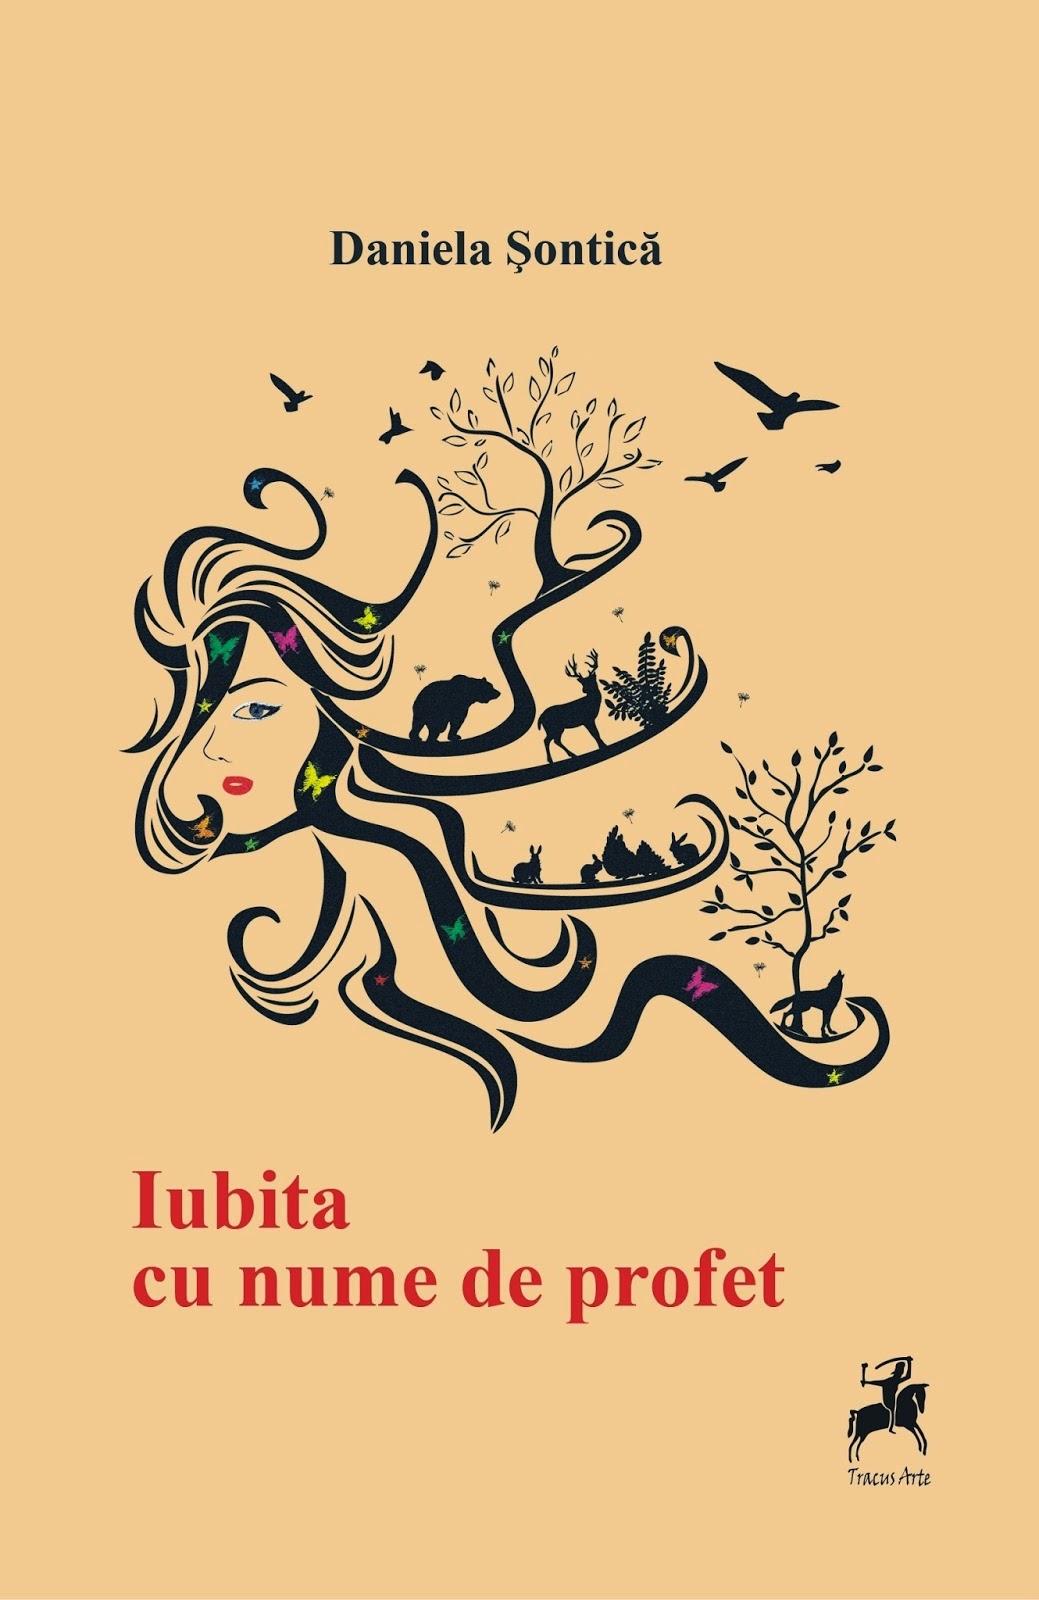 Iubita cu nume de profet, Ed. Tracus Arte, 2014